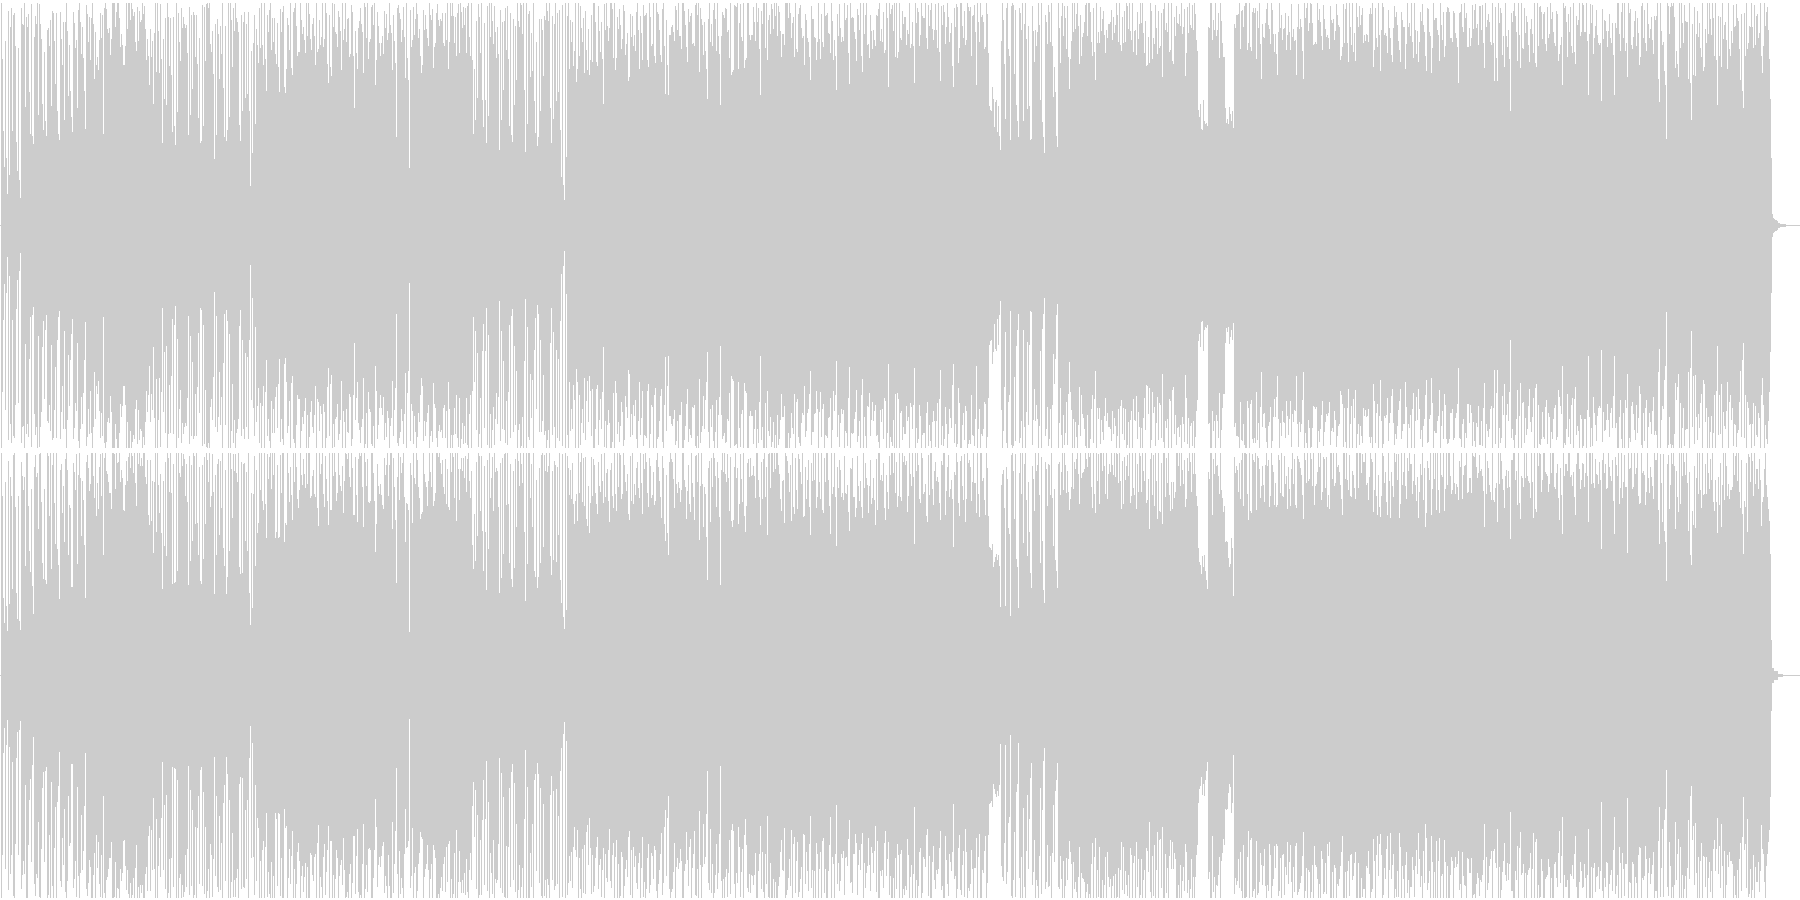 明るいハードロックンロールギターインストの未再生の波形